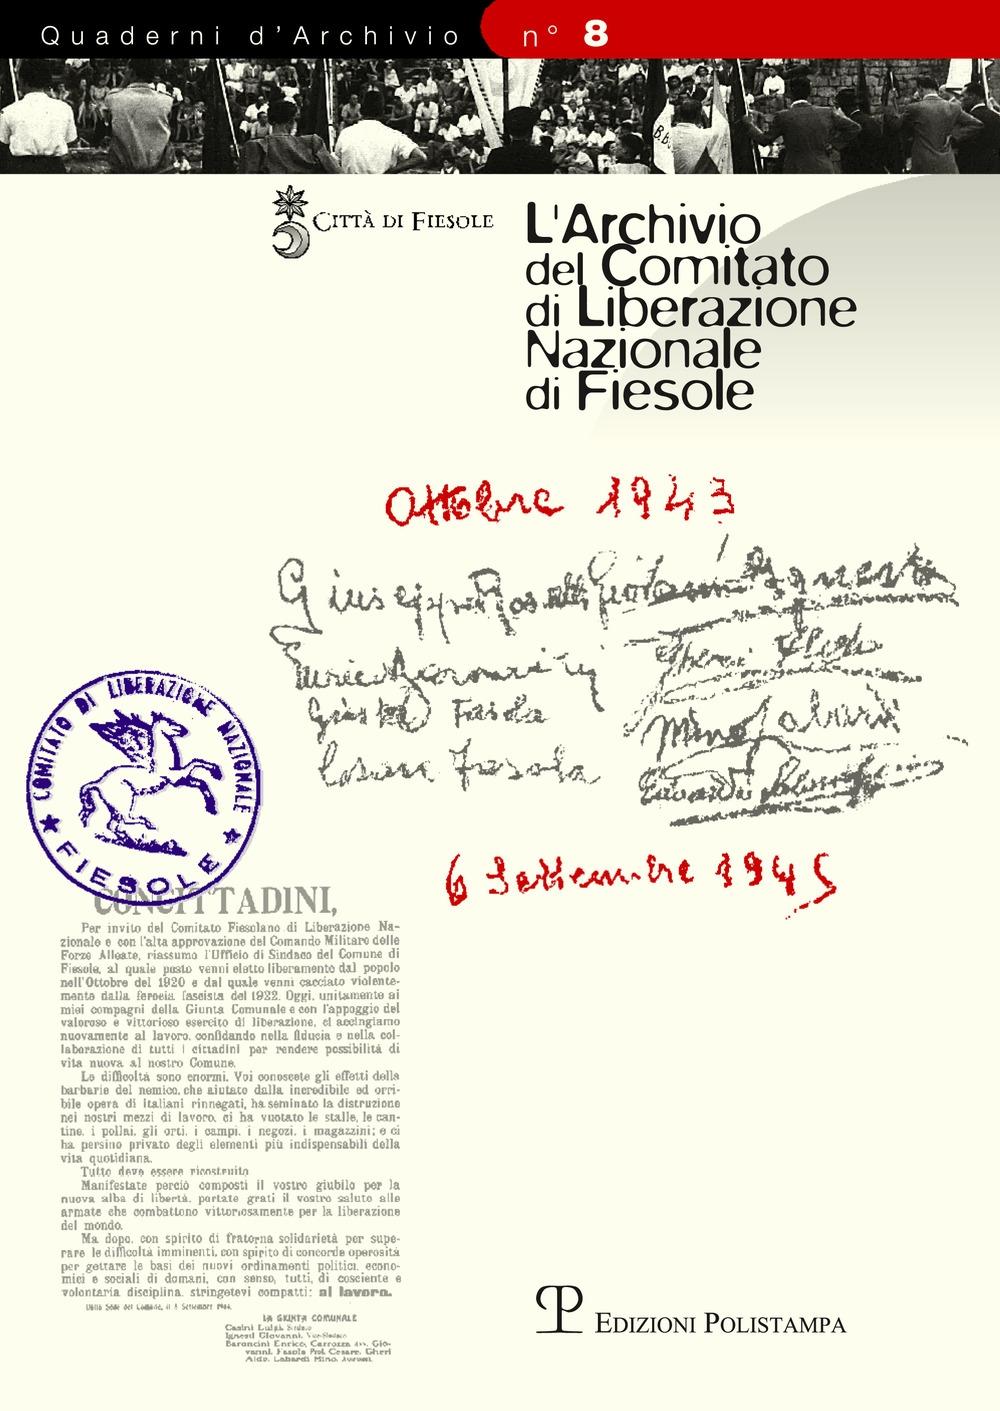 L'Archivio del Comitato di Liberazione Nazionale di Fiesole. Inventario